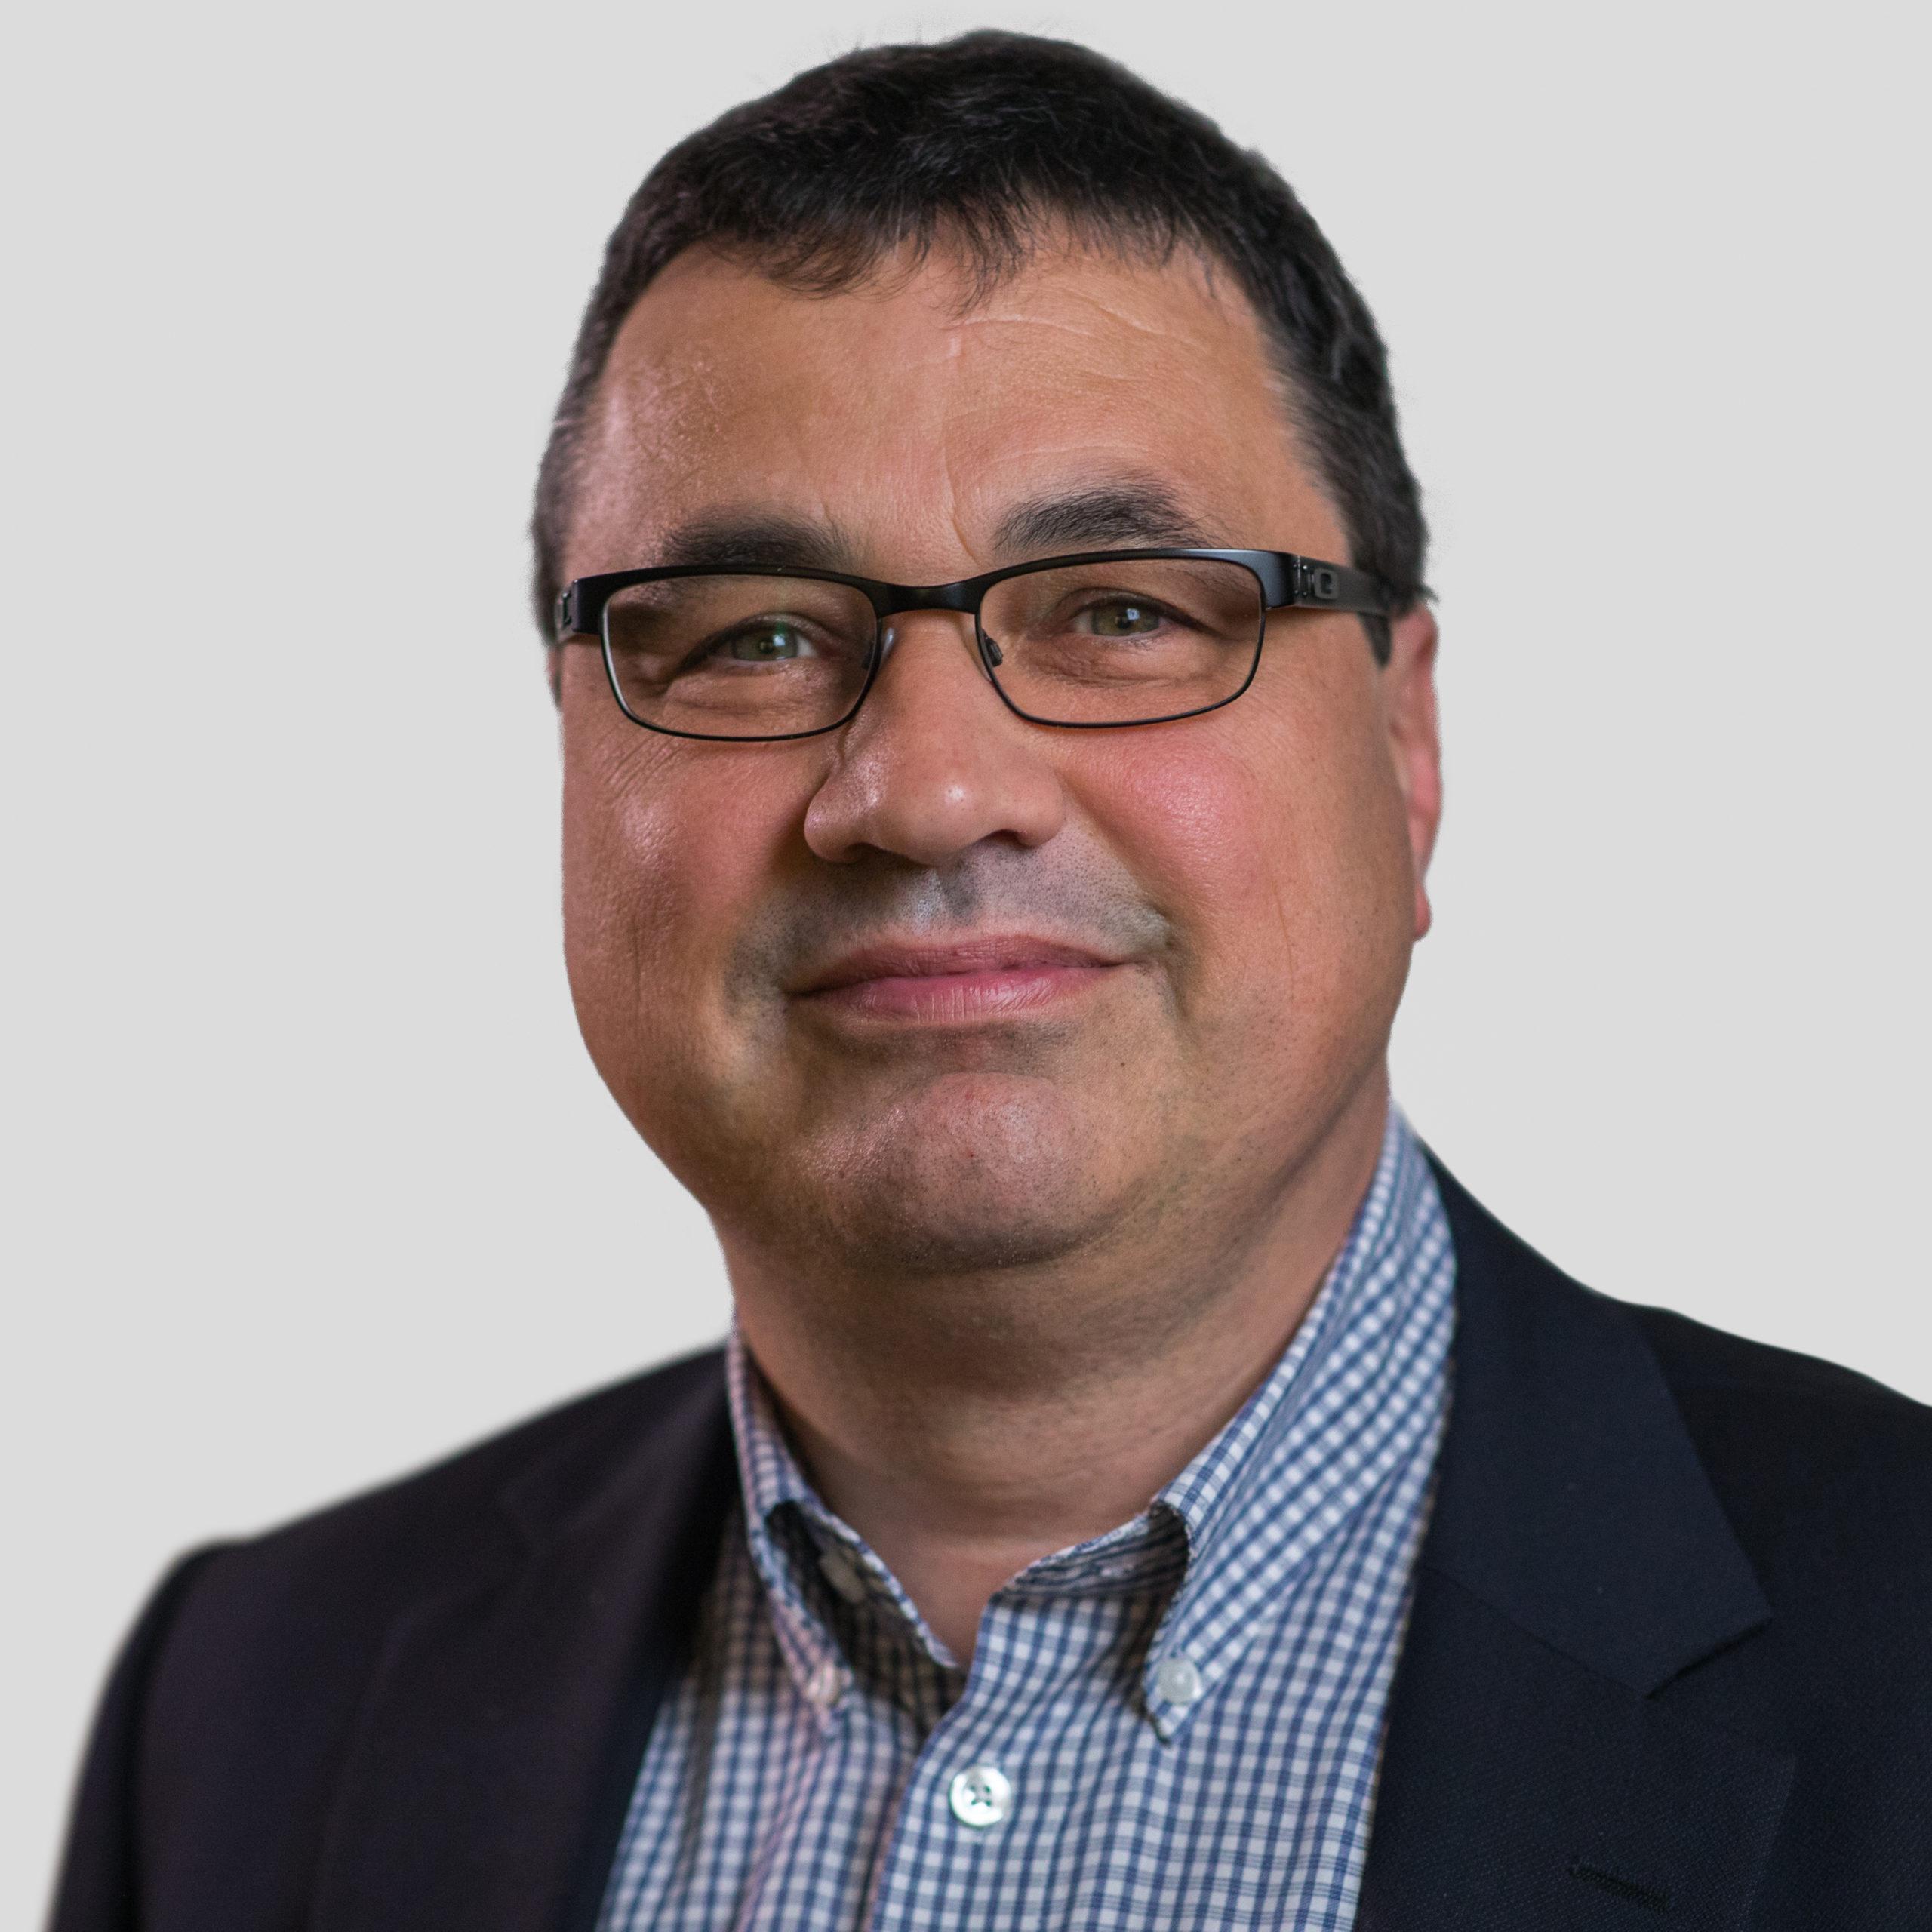 Axel Junker